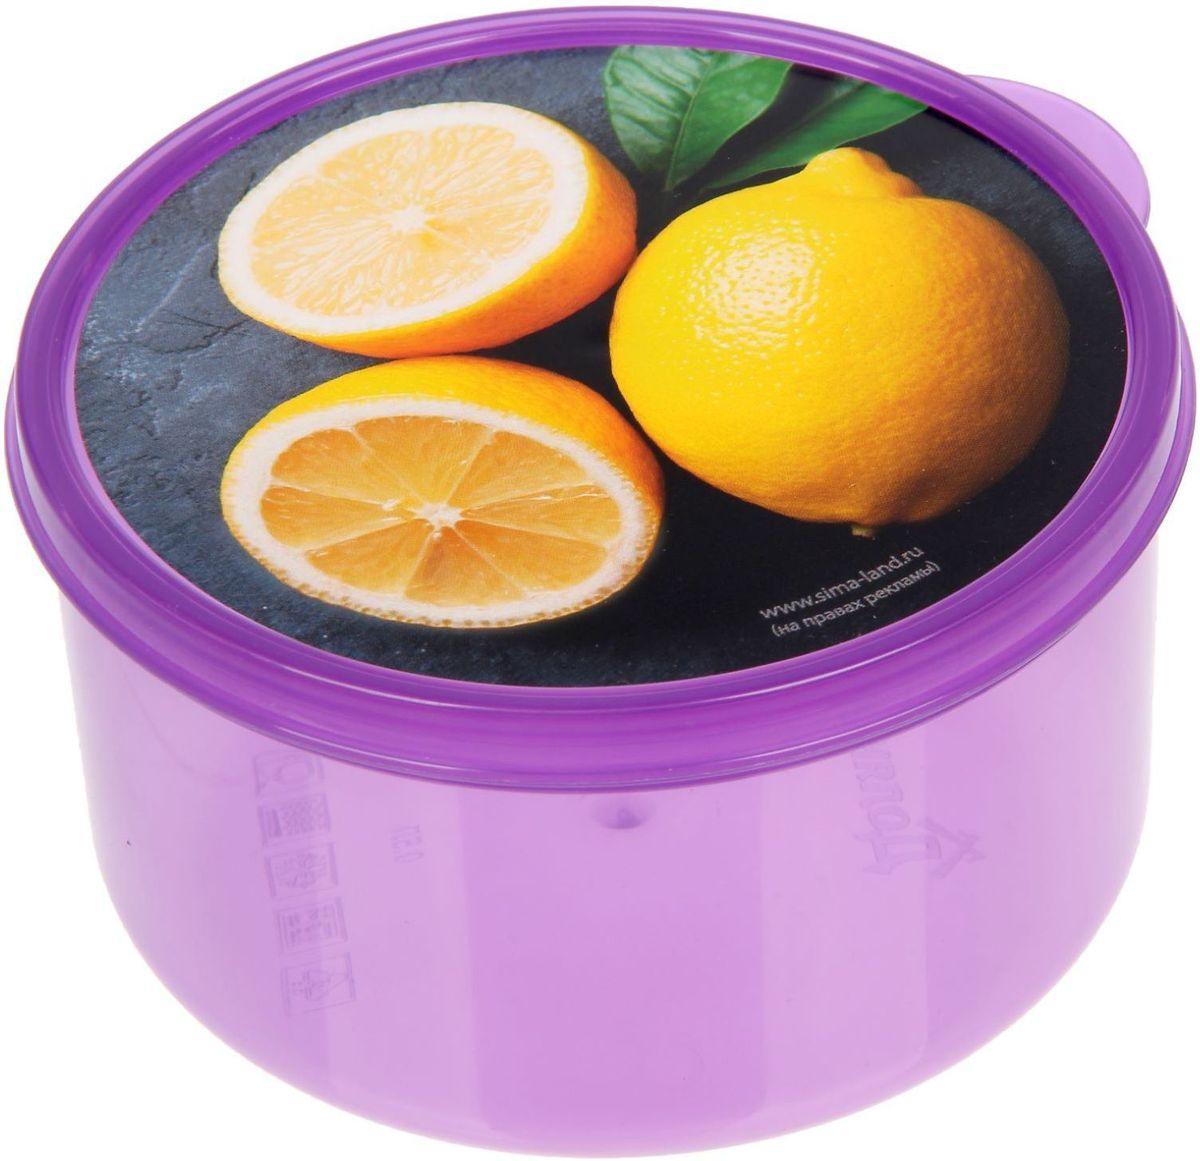 Ланч-бокс Доляна №18, круглый, 500 млVT-1520(SR)Если после вкусного обеда осталась еда, а насладиться трапезой хочется и на следующий день, ланч-бокс станет отличным решением данной проблемы!Такой контейнер является незаменимым предметом кухонной утвари, ведь у него много преимуществ:Простота ухода. Ланч-бокс достаточно промыть тёплой водой с небольшим количеством чистящего средства, и он снова готов к использованию.Вместительность. Большой выбор форм и объёма поможет разместить разнообразные продукты от сахара до супов.Эргономичность. Ланч-боксы очень легко хранить даже в самой маленькой кухне, так как их можно поставить один в другой по принципу матрёшки.Многофункциональность. Разнообразие цветов и форм делает возможным использование контейнеров не только на кухне, но и в других областях домашнего быта.Любители приготовления обеда на всю семью в большинстве случаев приобретают ланч-боксы наборами, так как это позволяет рассортировать продукты по всевозможным признакам. К тому же контейнеры среднего размера станут незаменимыми помощниками на работе: ведь что может быть приятнее, чем порадовать себя во время обеда прекрасной едой, заботливо сохранённой в контейнере?В качестве материала для изготовления используется пластик, что делает процесс ухода за контейнером ещё более эффективным. К каждому ланч-боксу в комплекте также прилагается крышка подходящего размера, это позволяет плотно и надёжно удерживать запах еды и упрощает процесс транспортировки.Однако рекомендуется соблюдать и меры предосторожности: не использовать пластиковые контейнеры в духовых шкафах и на открытом огне, а также не разогревать в микроволновых печах при закрытой крышке ланч-бокса. Соблюдение мер безопасности позволит продлить срок эксплуатации и сохранить отличный внешний вид изделия.Эргономичный дизайн и многофункциональность таких контейнеров — вот, что является причиной большой популярности данного предмета у каждой хозяйки. А в преддверии лета и дачного сезона такое приобретение позволит п